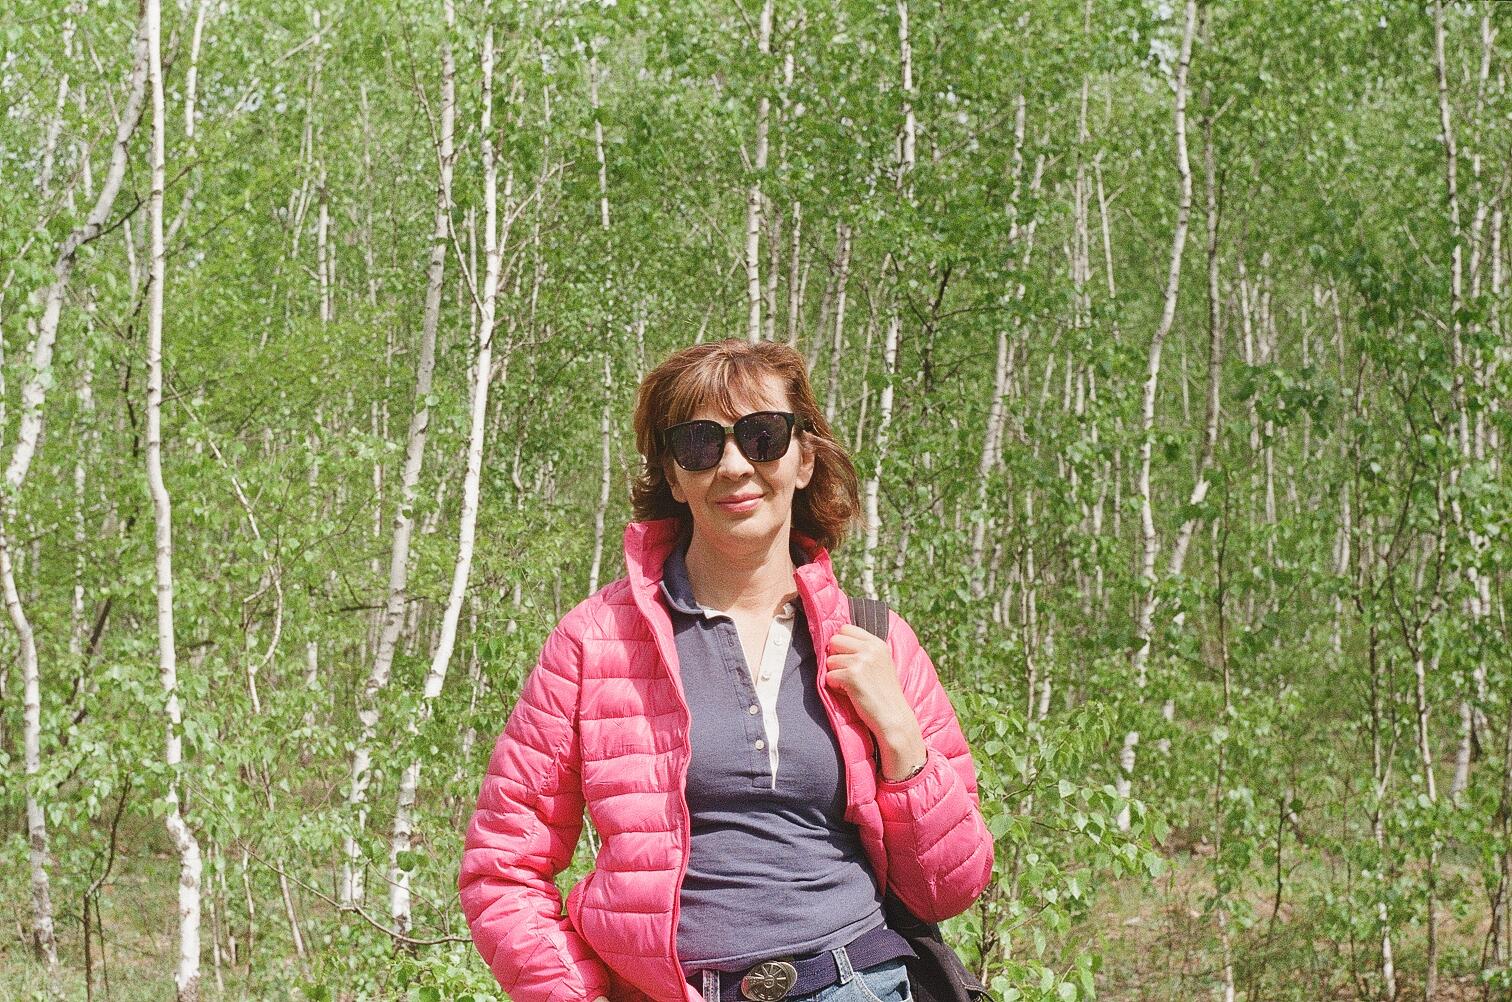 Анна Носова на прогулке в лесу